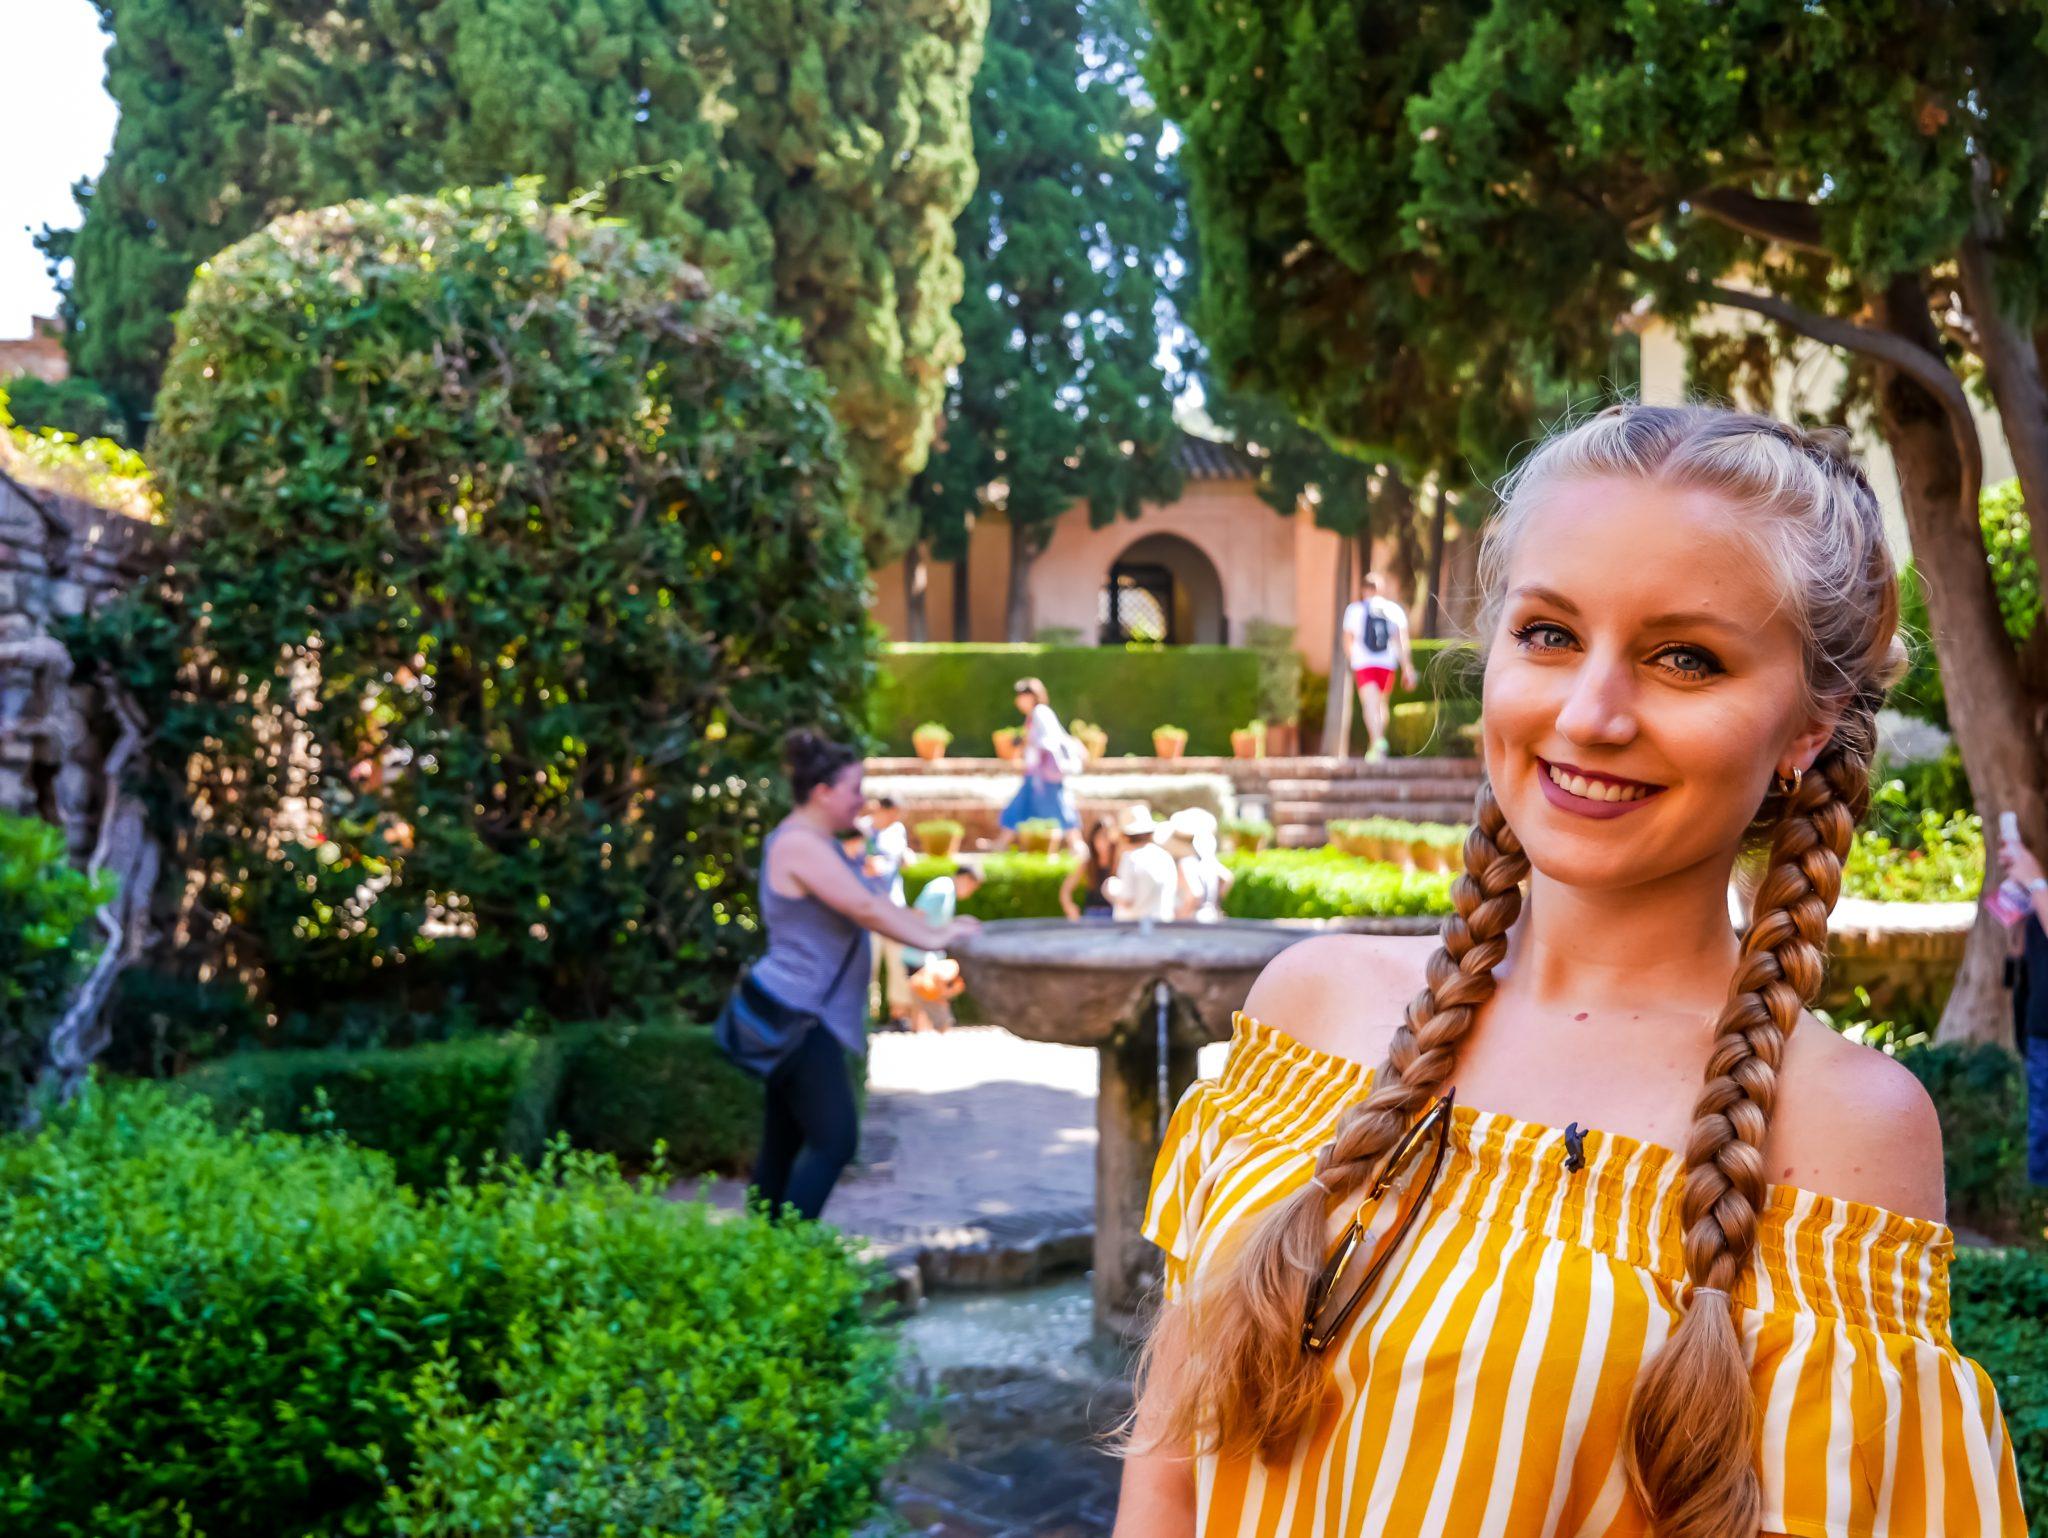 Überall im Alcazaba wirst du kleine Innenhöfe und Gärten finden, welche mit sehr viel Liebe angelegt worden sind.